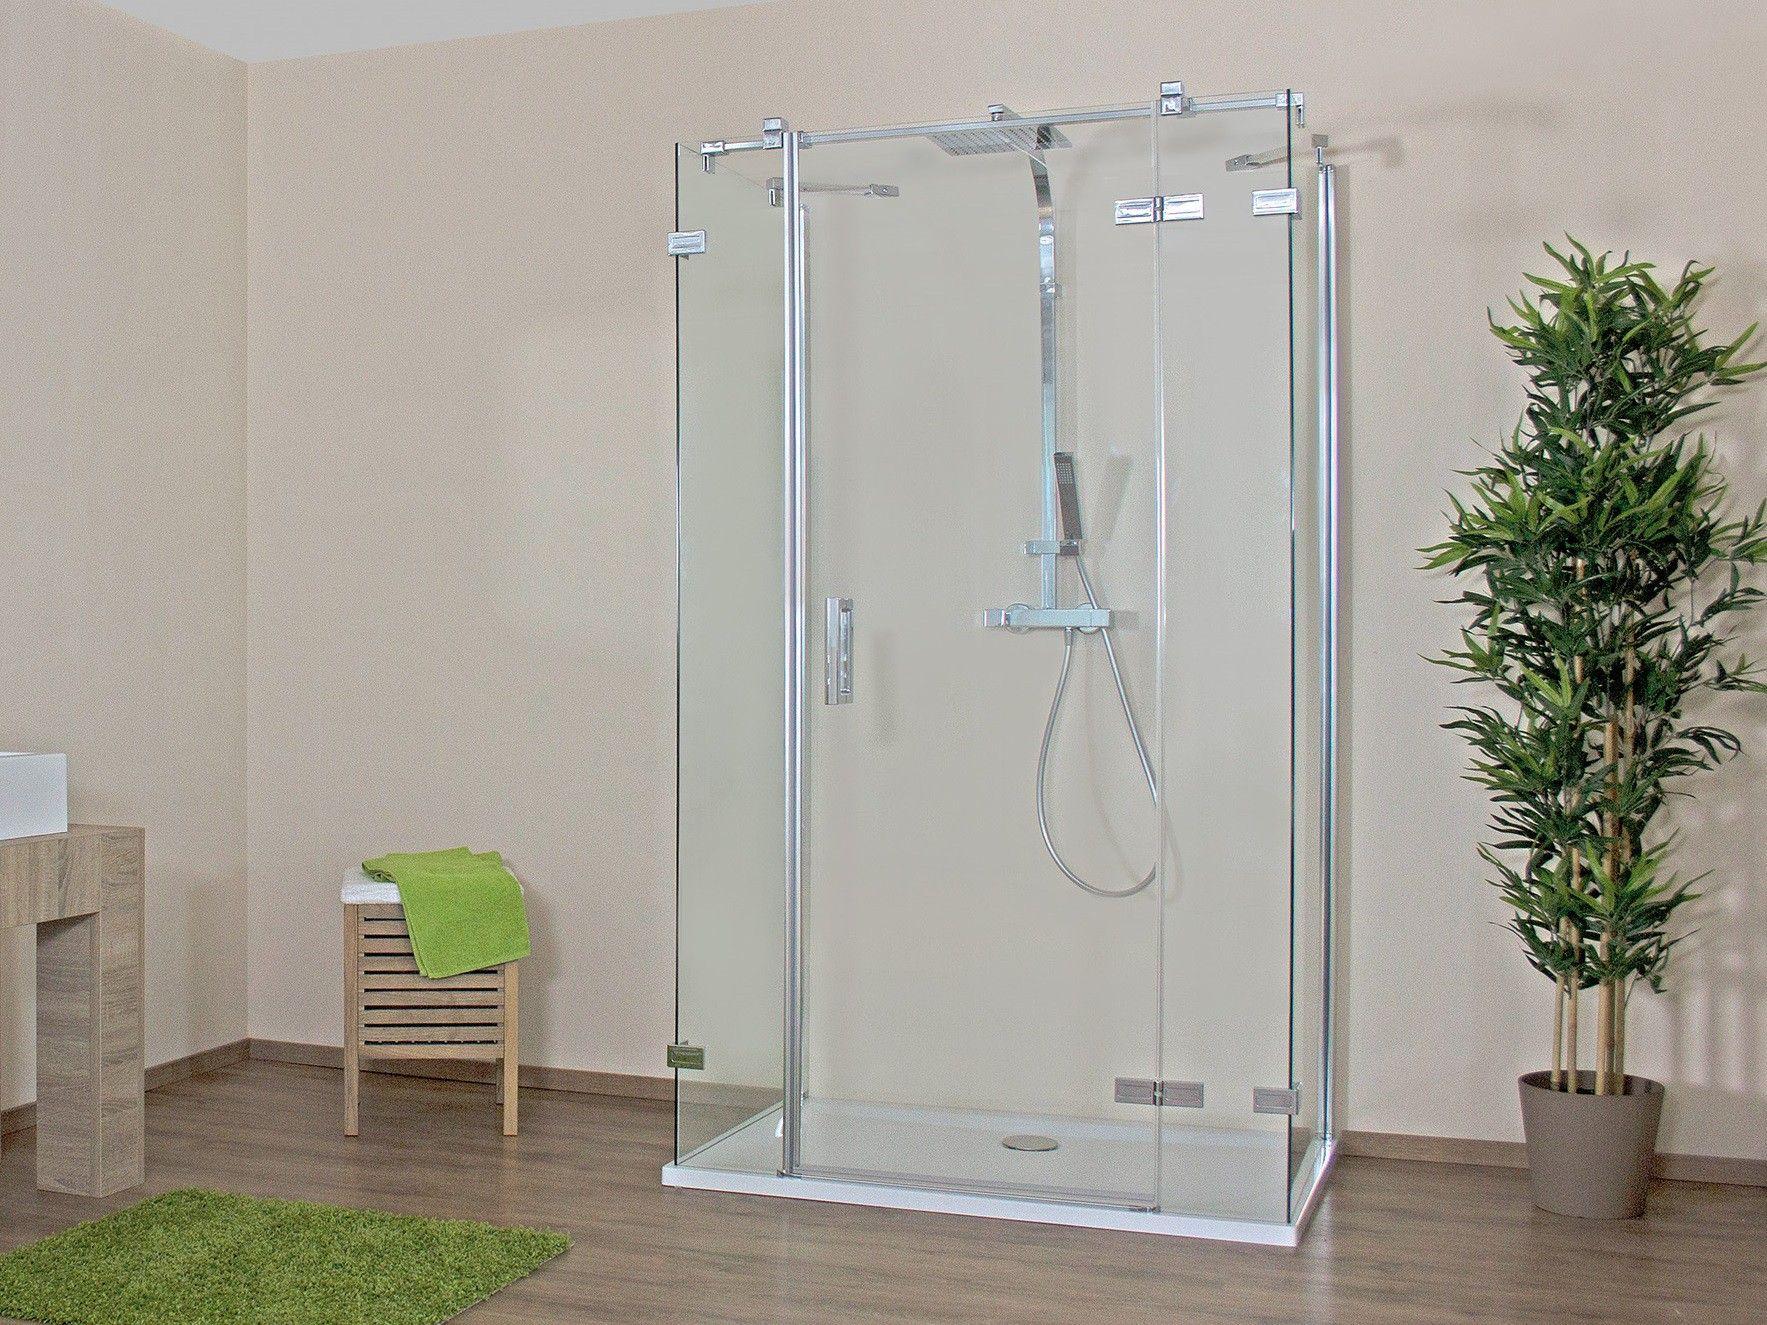 Duschkabine U-Form 100 x 100 x 220 cm Drehtür Echtglas ESG klar ... | {Bodengleiche dusche ohne tür 64}